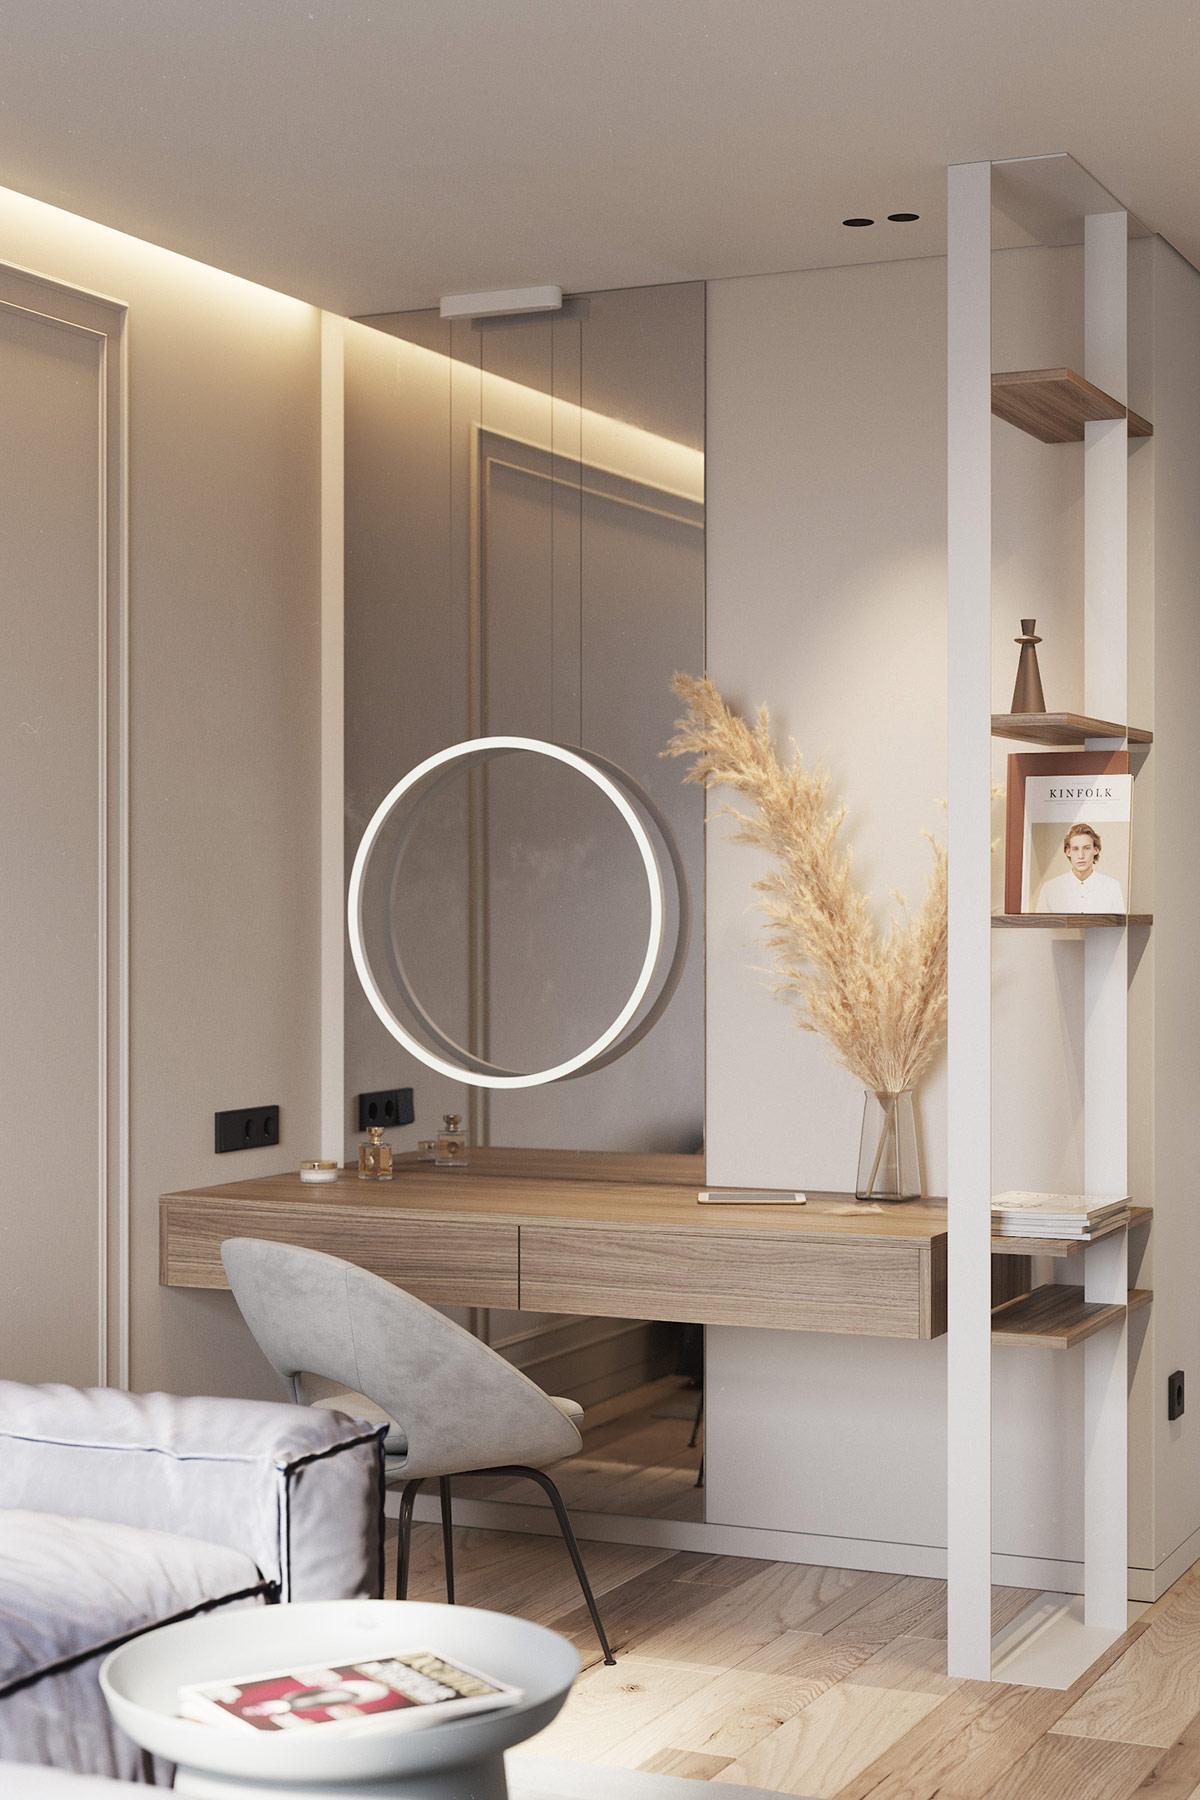 góc trang điểm với bàn ghế gỗ, gương tròn gắn tường kết hợp đèn LED